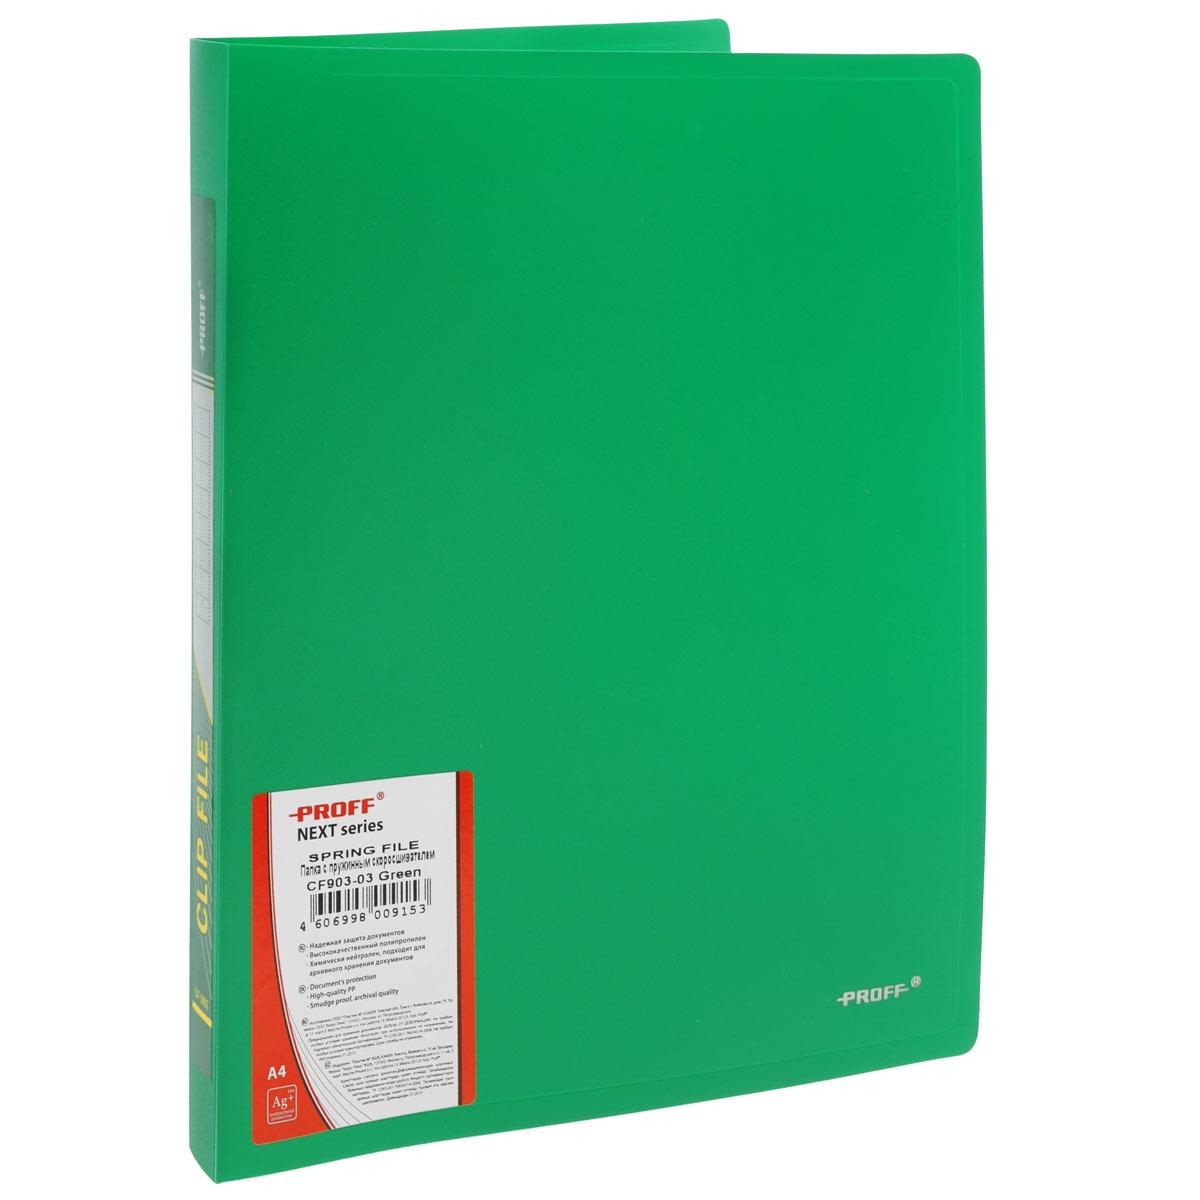 Папка-скоросшиватель Proff Next, цвет: зеленый. Формат А4. CF903-03CF903-03Папка-скоросшиватель Proff Next - это удобный и практичный офисный инструмент,предназначенный для хранения и транспортировки рабочих бумаг и документовформата А4. Папка изготовлена из высококачественного плотного полипропилена и оснащена металлическим пружинным скоросшивателем. Папка-скоросшиватель - это незаменимый атрибут для студента, школьника,офисного работника. Такая папка надежно сохранит ваши документы и сбережетих от повреждений, пыли и влаги.